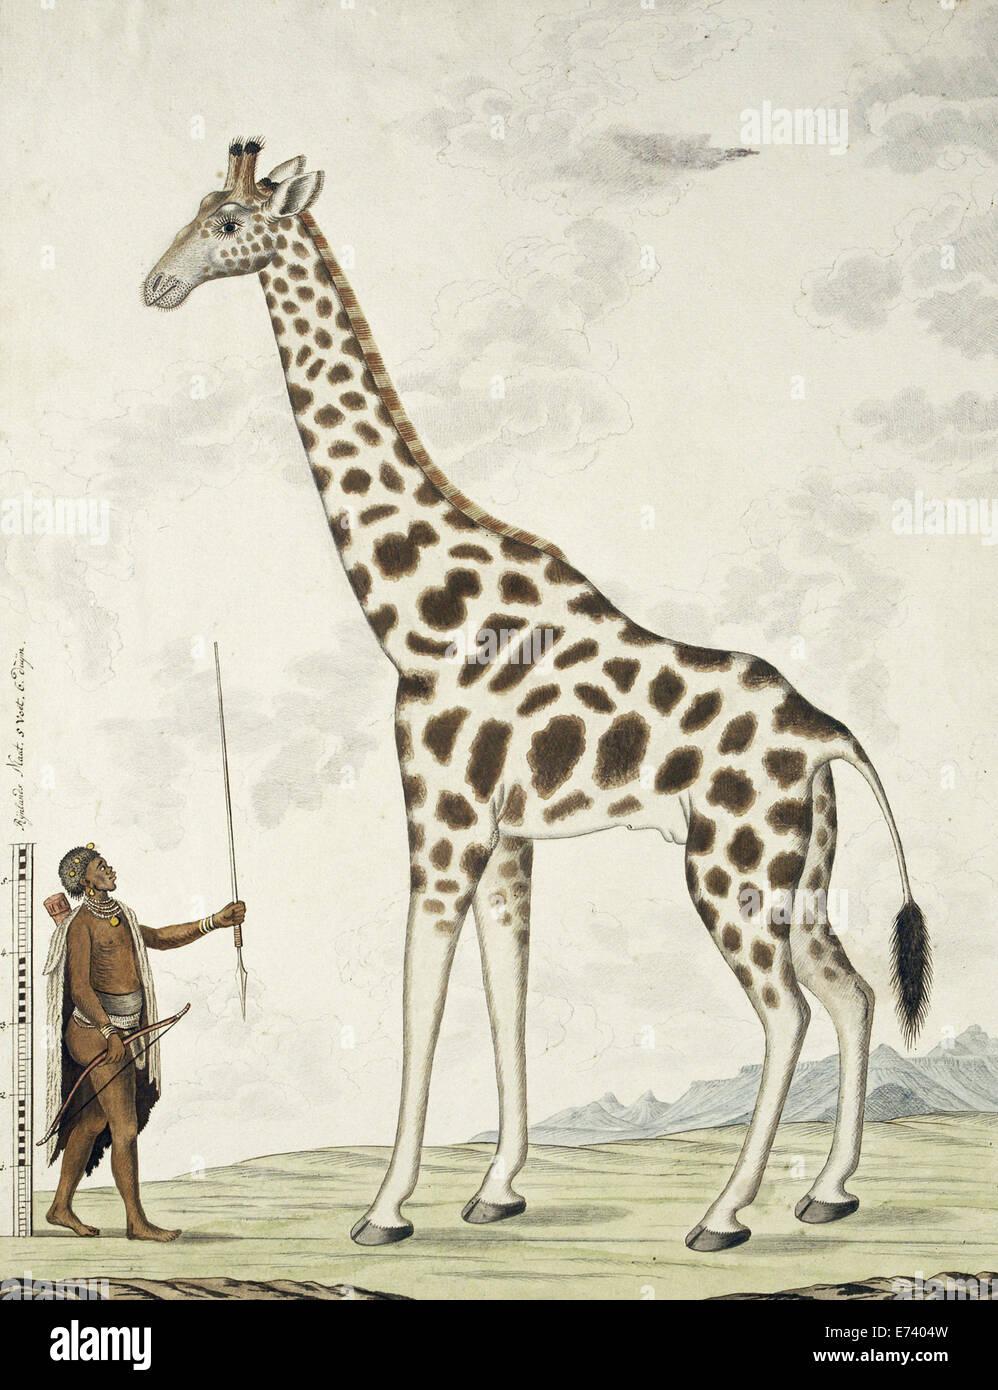 Giraffe (Giraffa camelopardalis), Hottentot Warrior and a scale - by Robert Jacob Gordon, 1779 - Stock Image